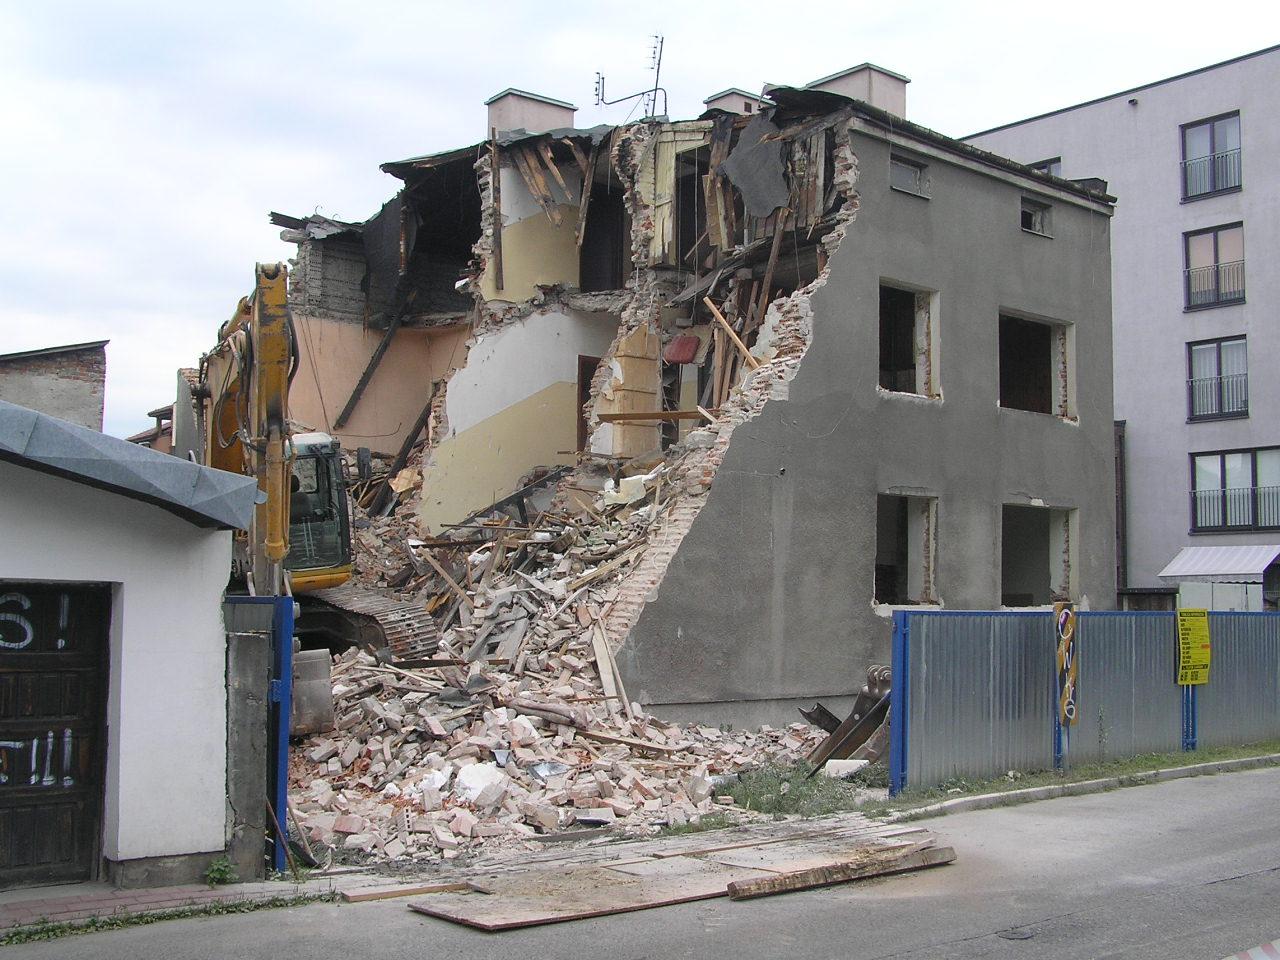 Liwiecka 3 legła w gruzach. To był jedyny przedwojenny dom na ulicy